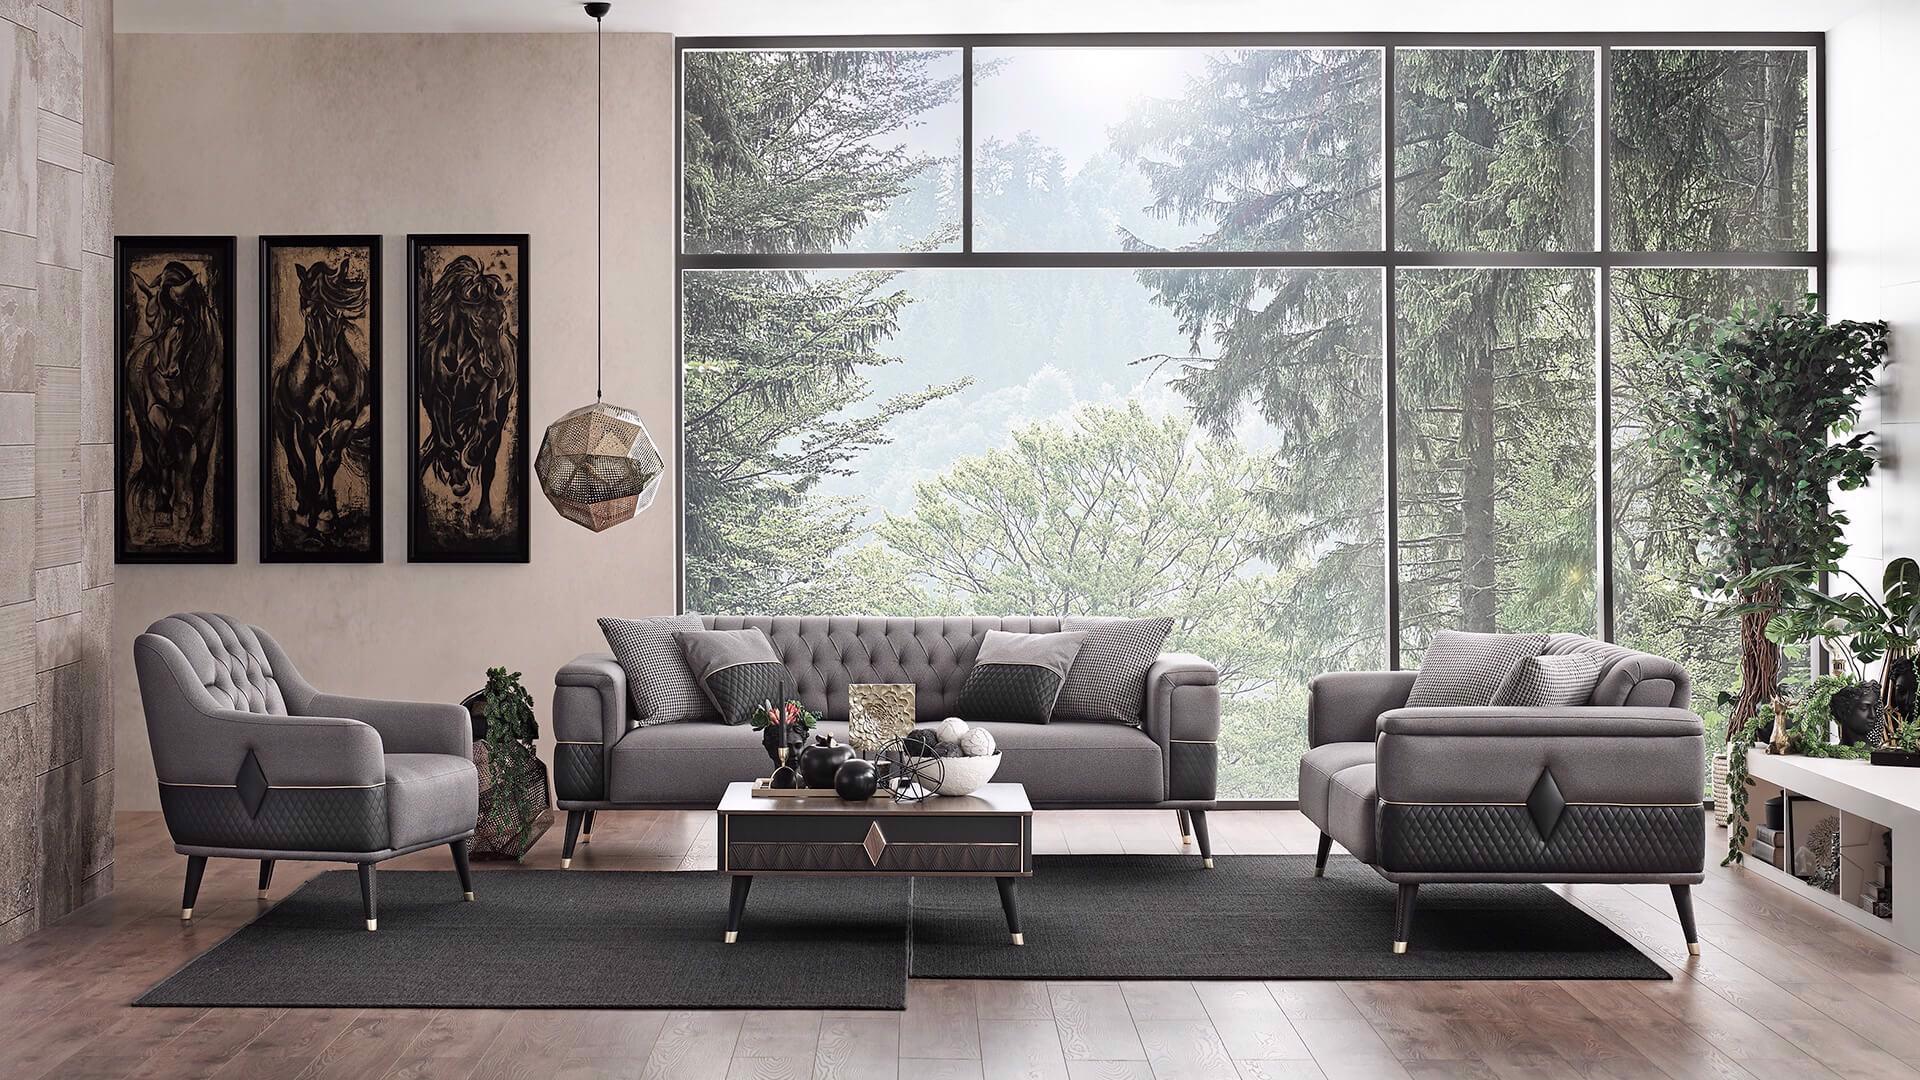 deka meubles